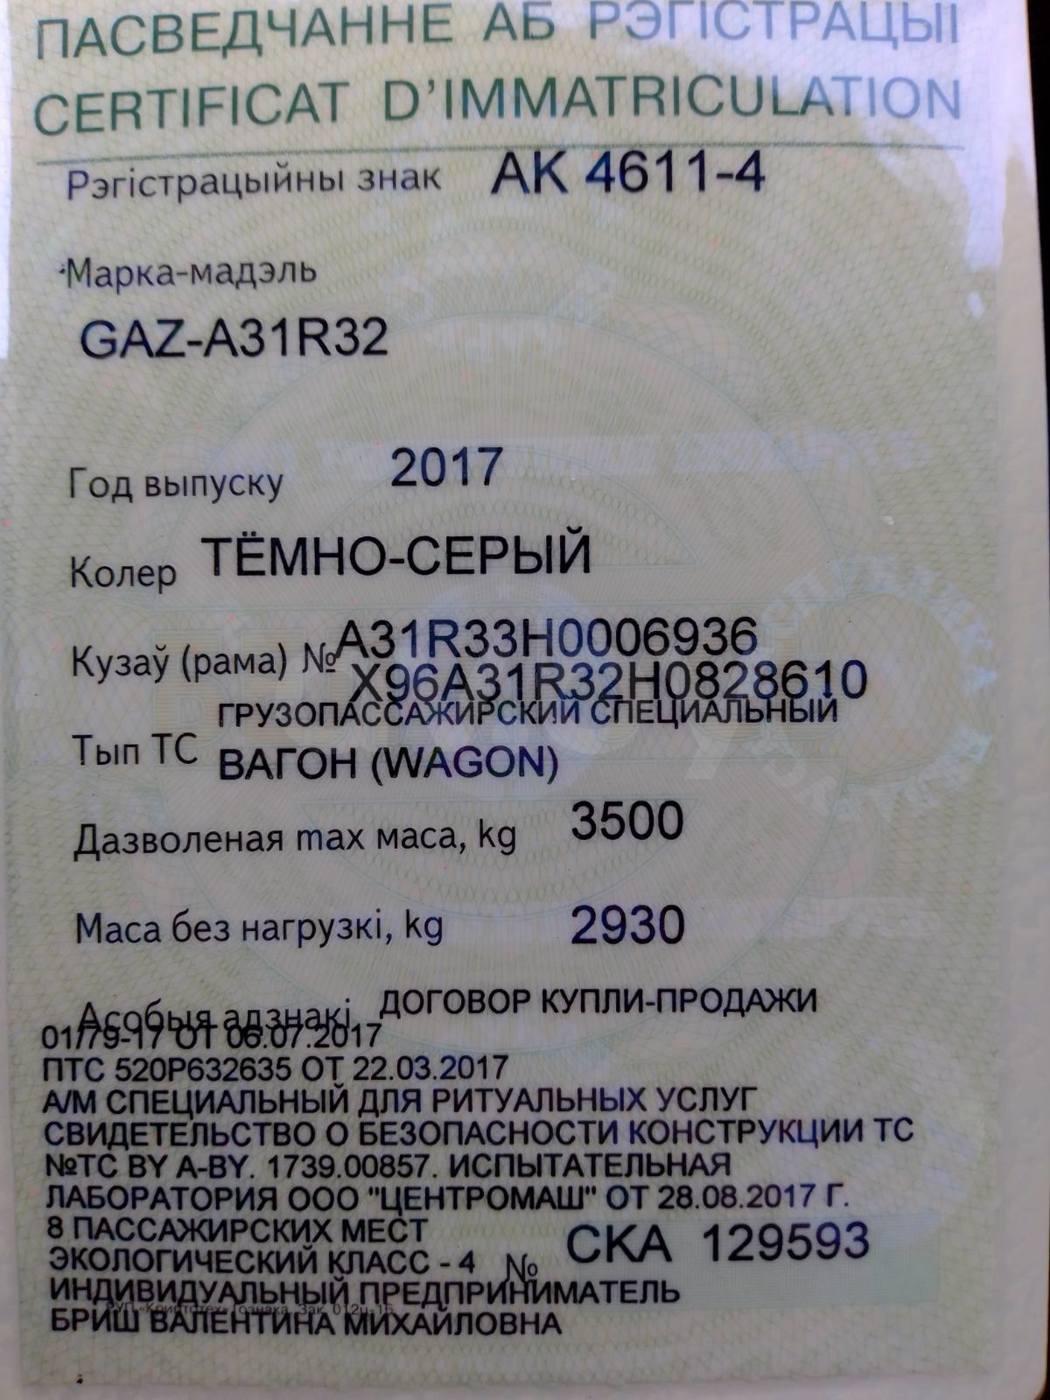 ГАЗ Next специальный для ритуальных услуг, 2017 г.